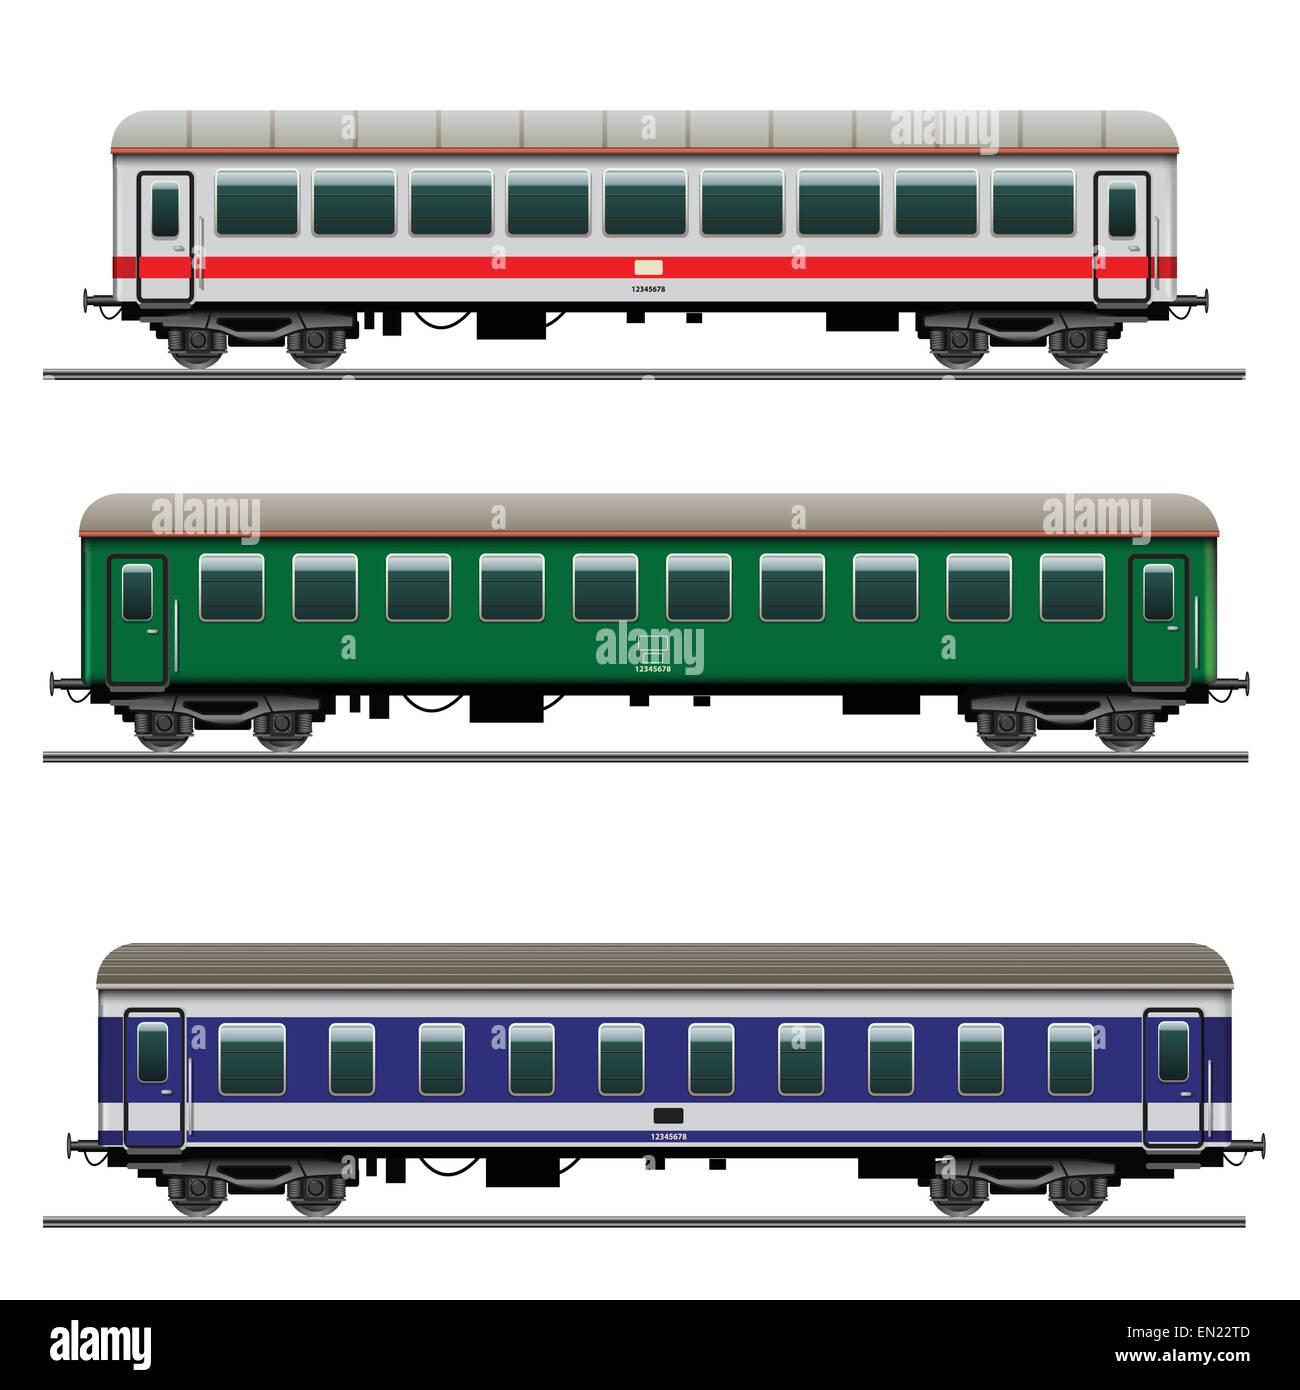 Passenger Train Cars Detailed Vector Illustration Stock